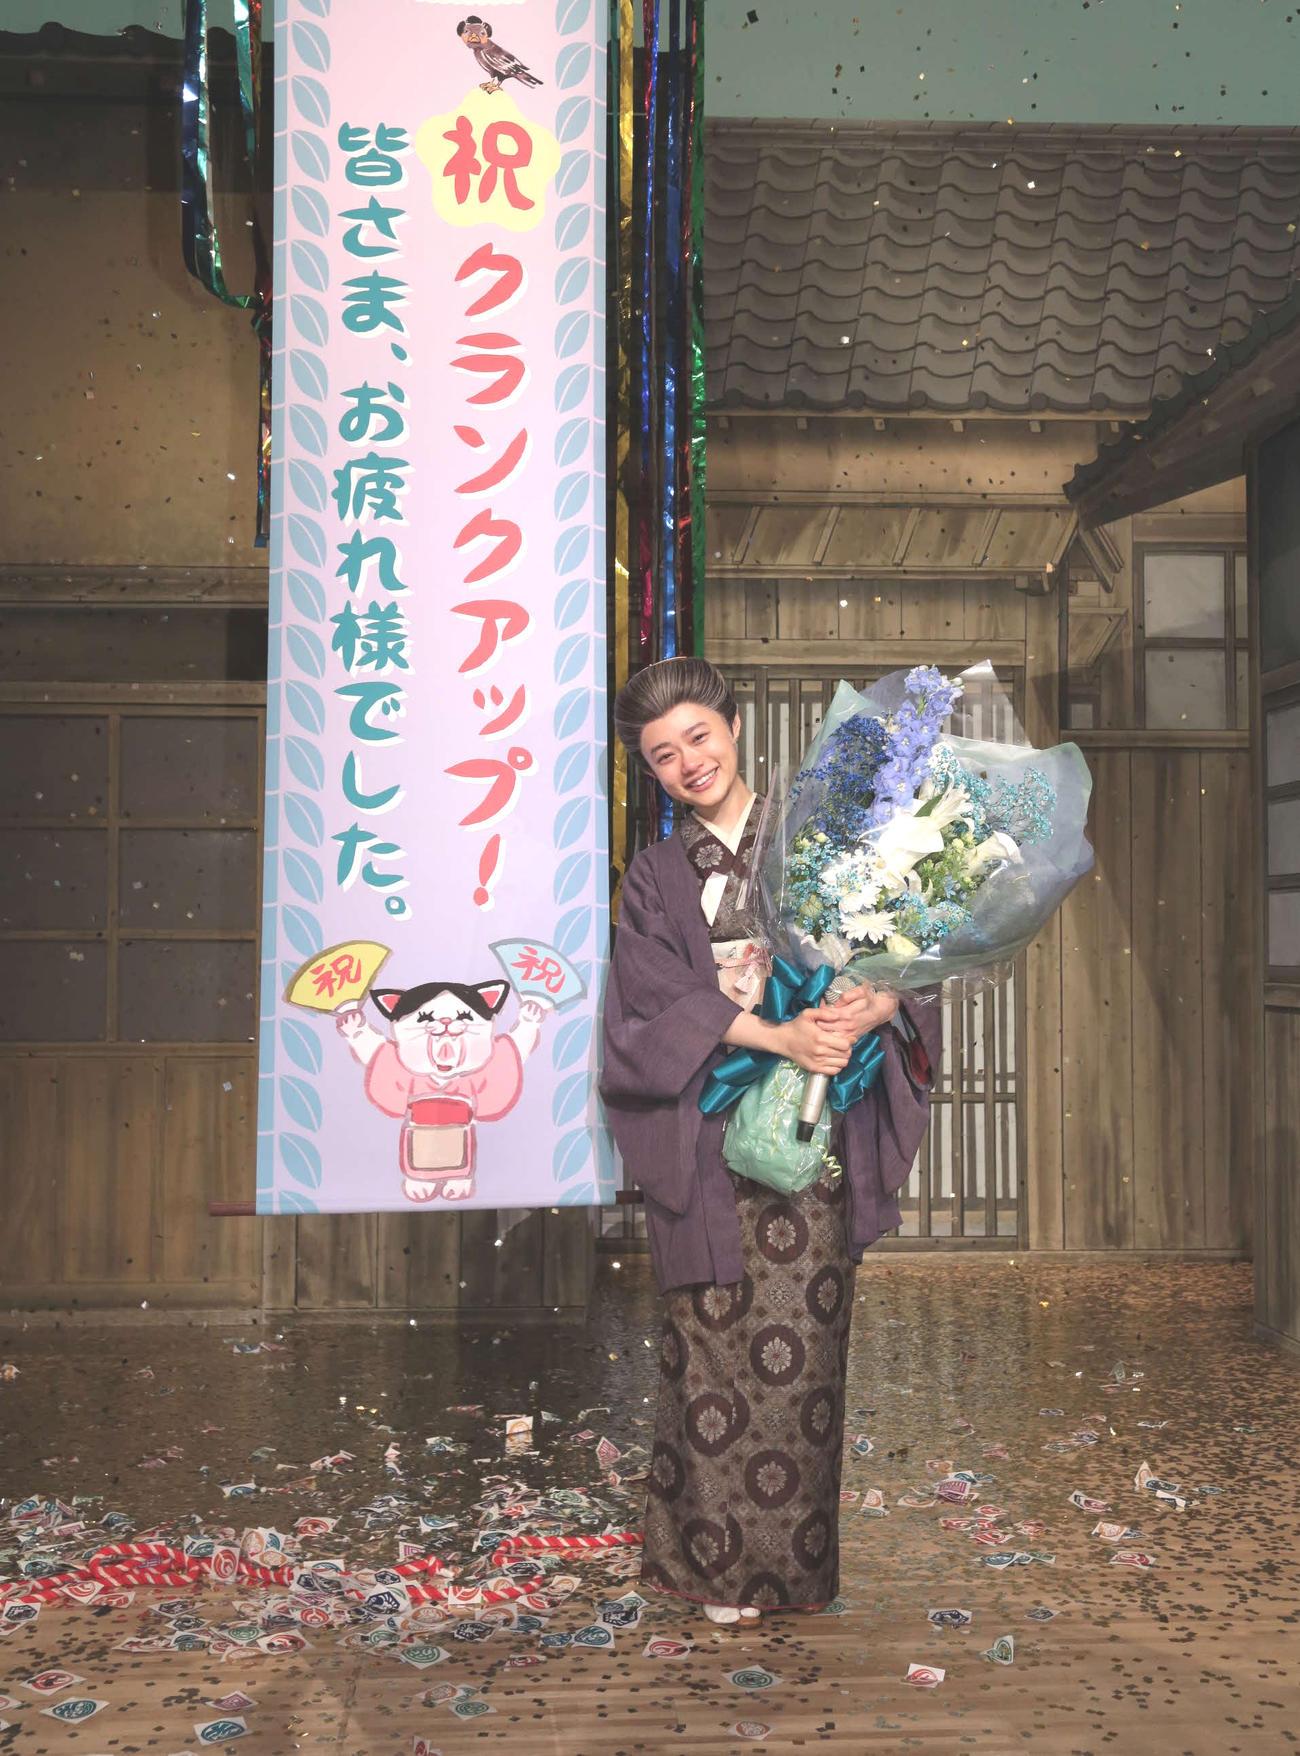 NHK連続テレビ小説「おちょやん」がクランクアップし、花束を持つ杉咲花